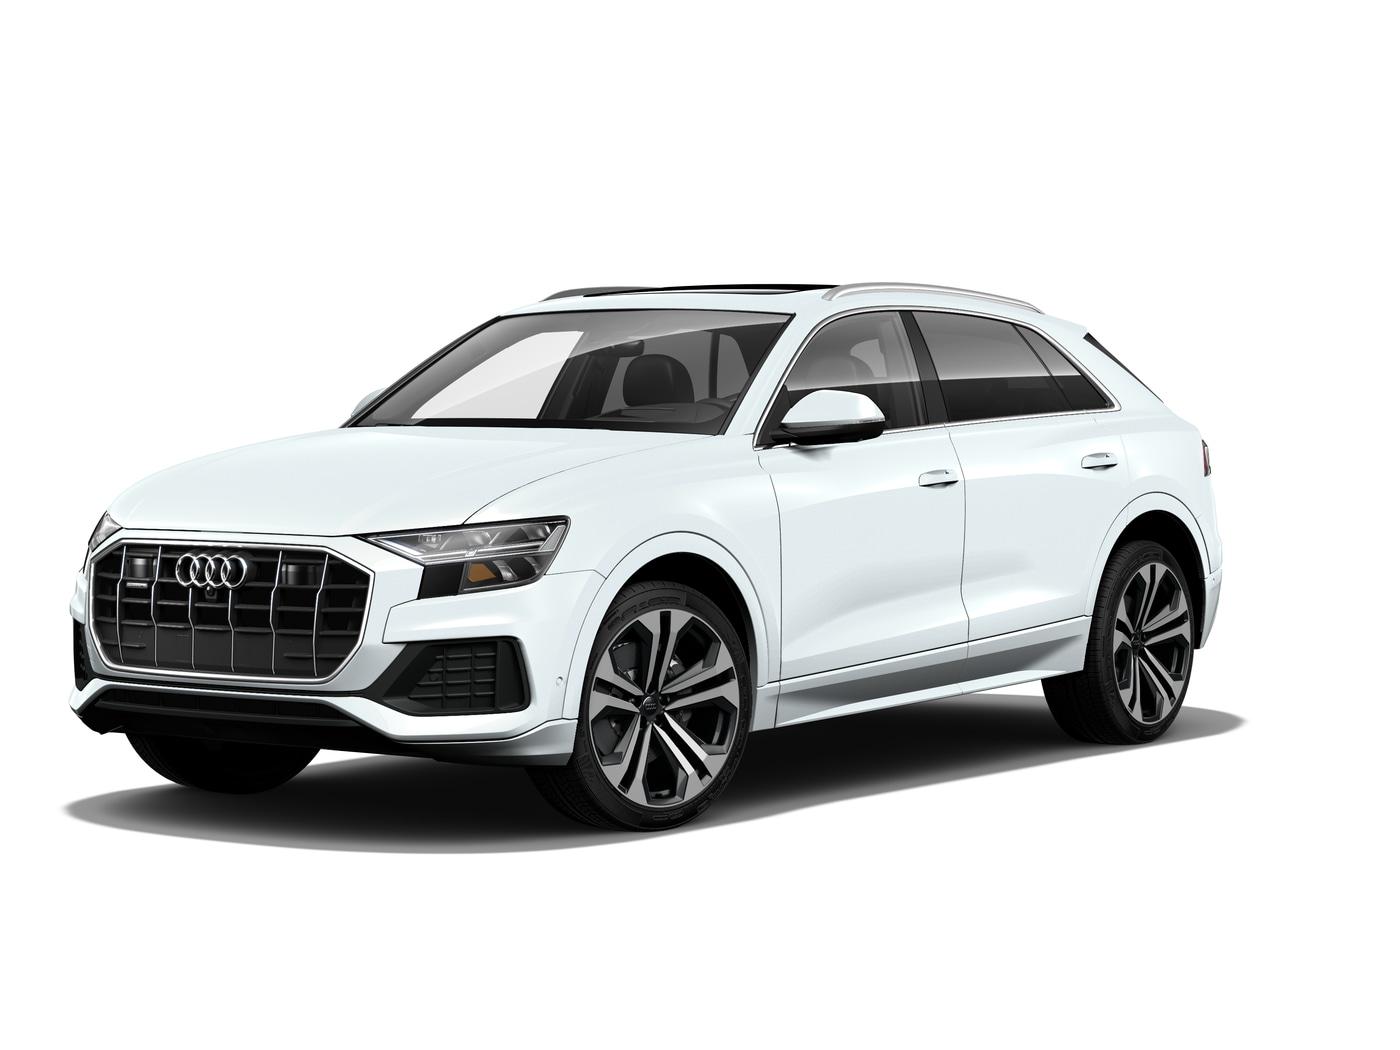 New 2019 Audi Q8 Merrillville Wa1bvaf19kd011133